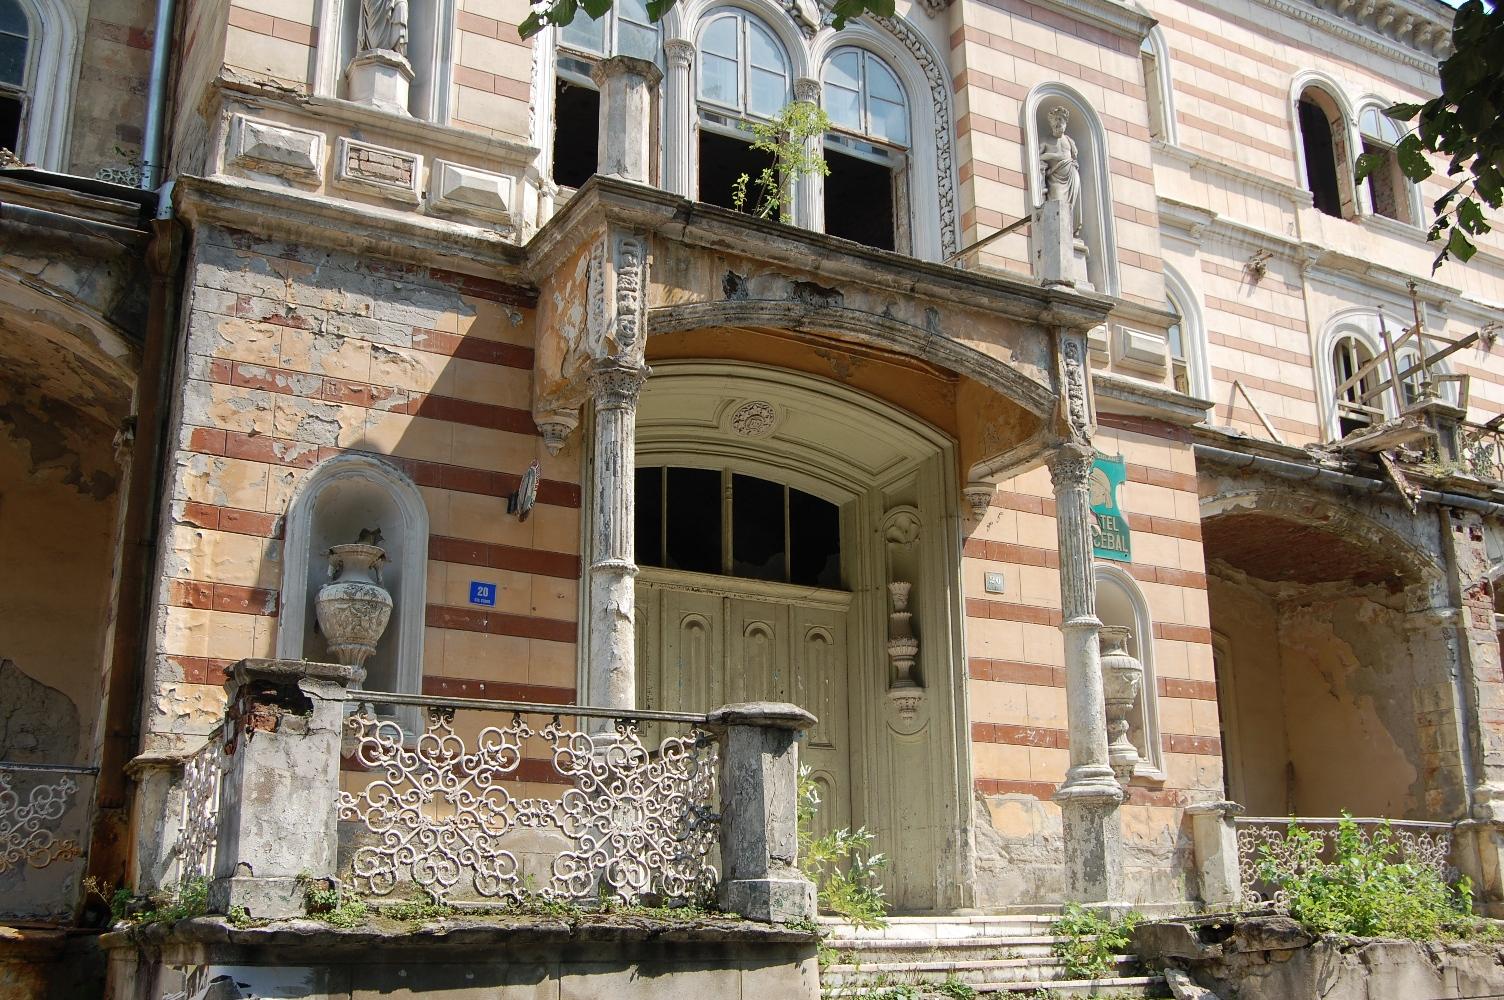 Herkulesfürdői emlékek, 2009 (fotó: Mészáros Ferenc)